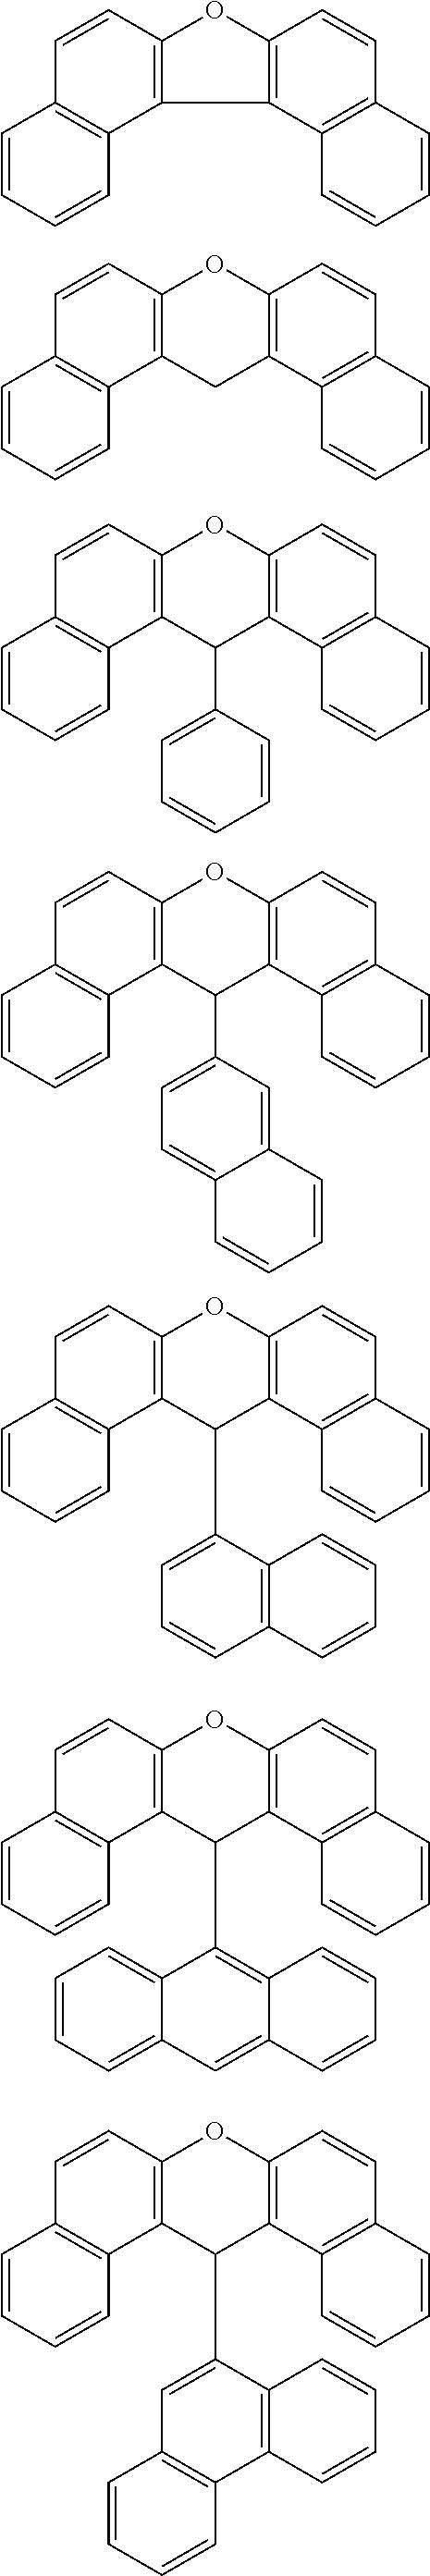 Figure US08846846-20140930-C00015